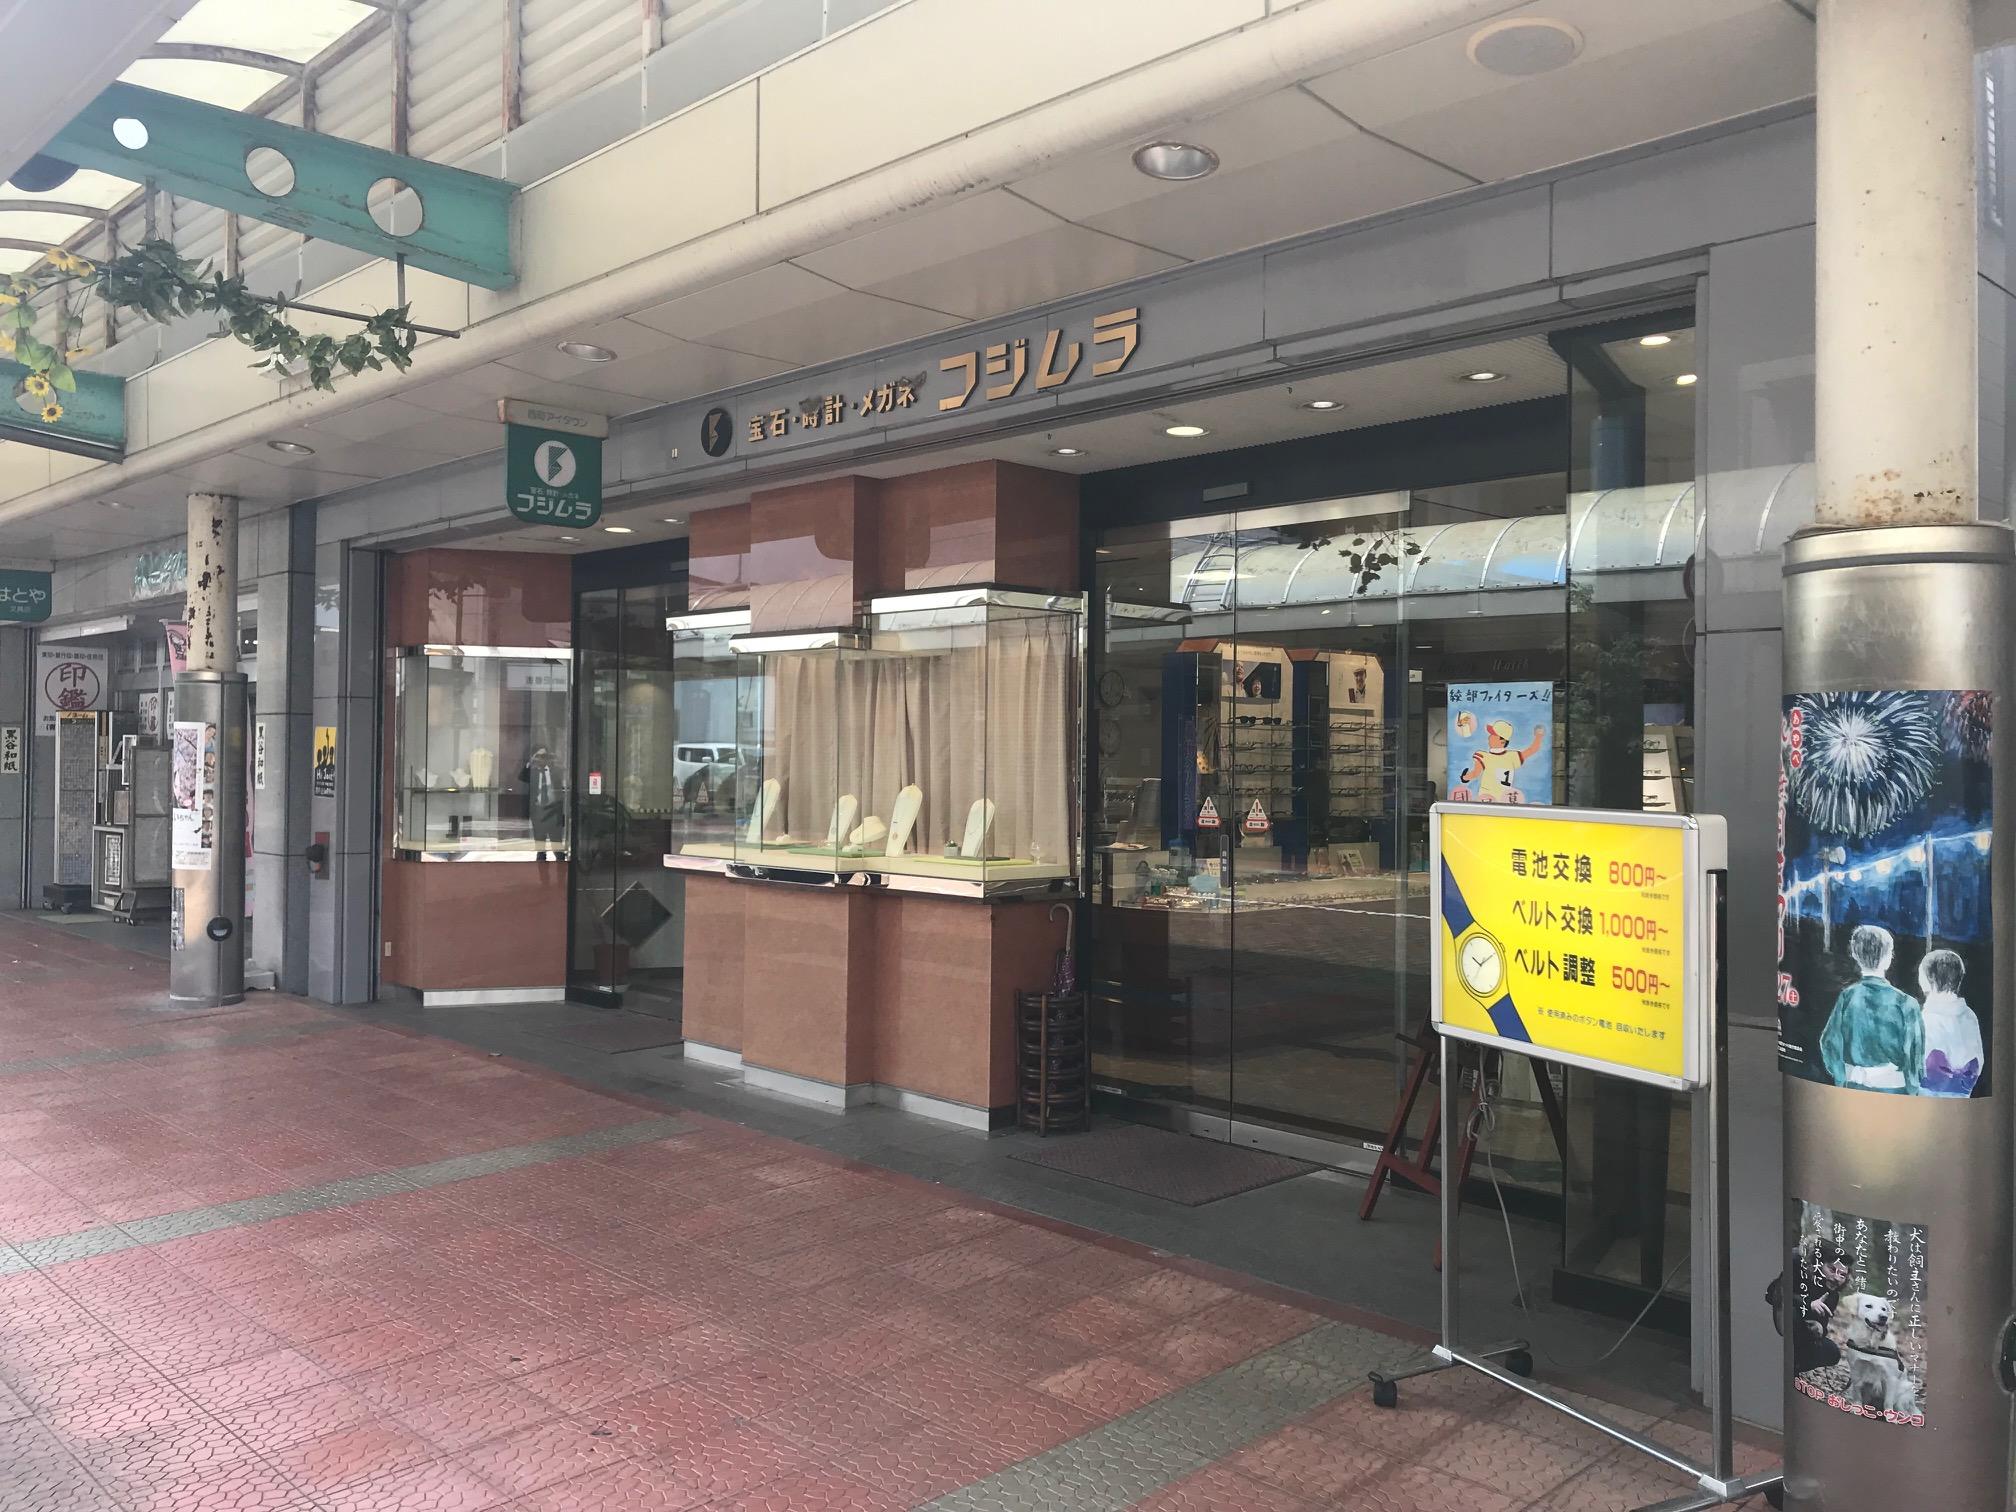 宝石・時計・メガネ フジムラ(綾部市)